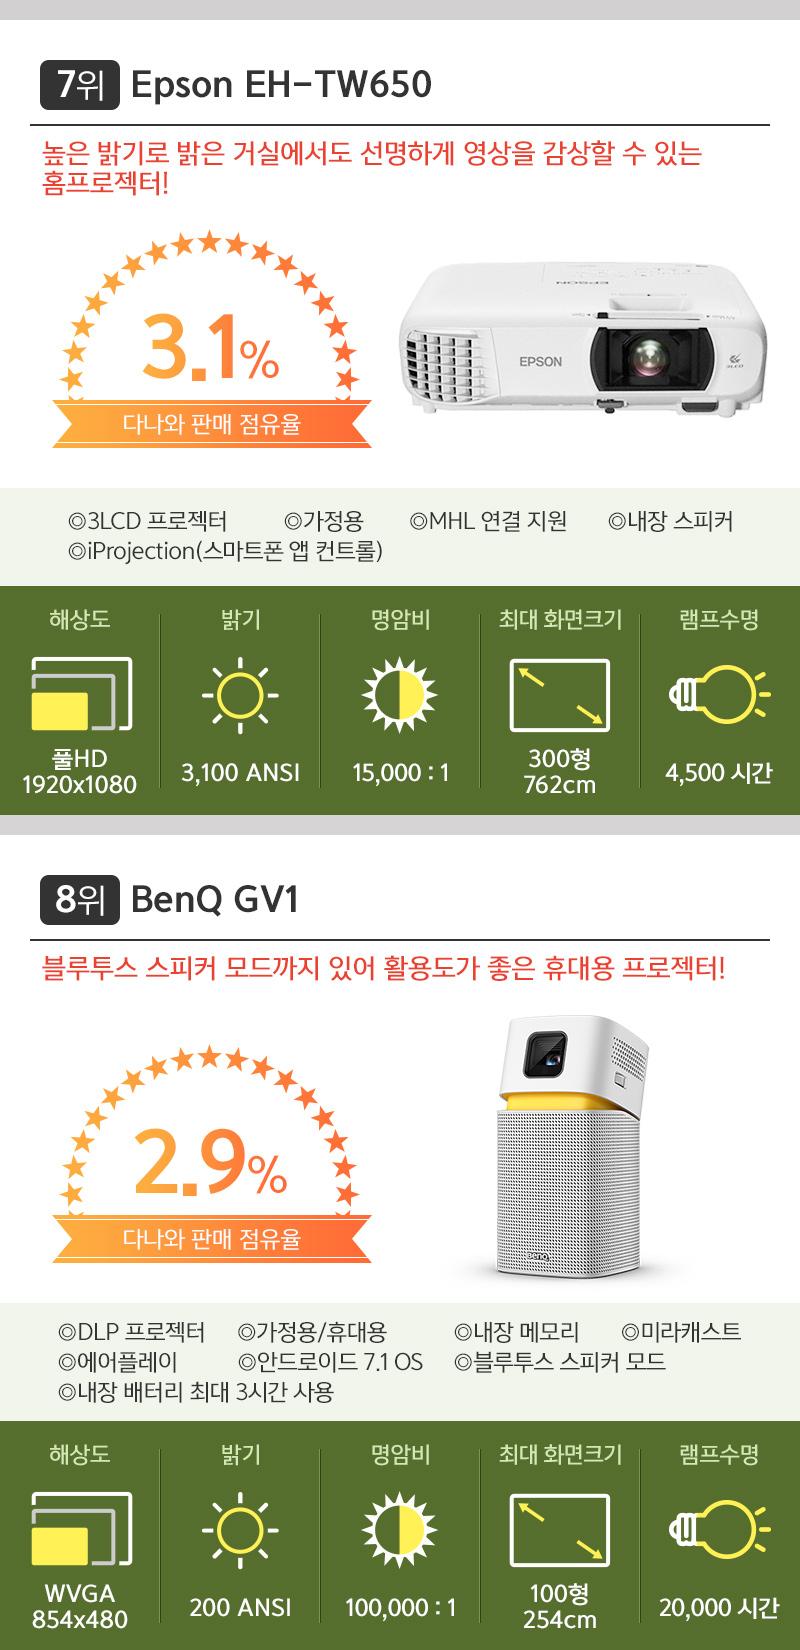 7위 앱손 EH-TW650. 8위 벤큐 GV1